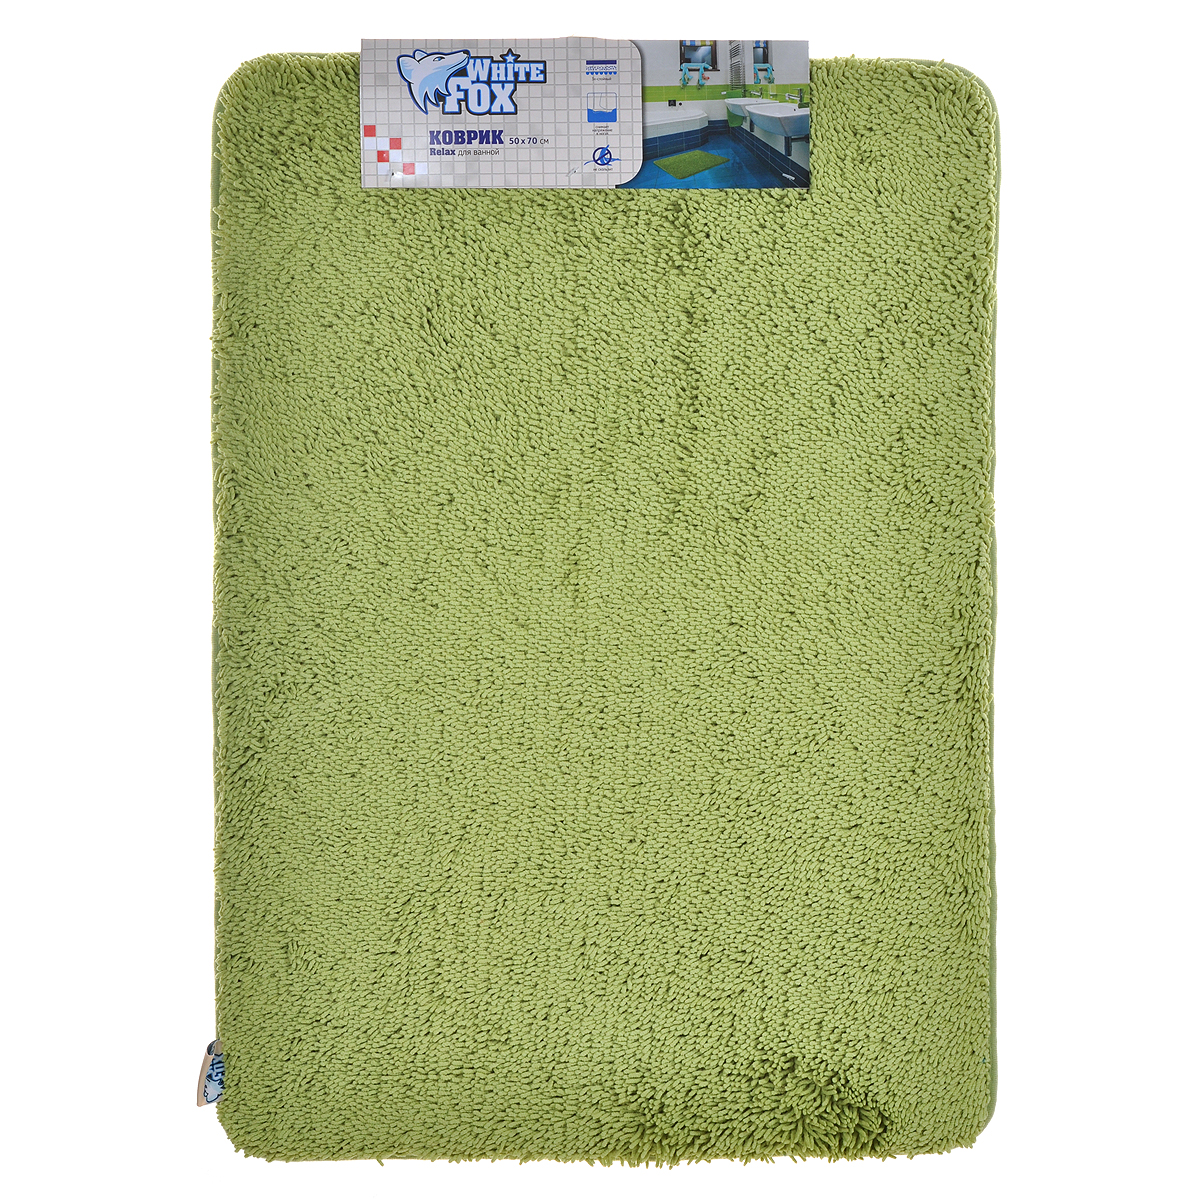 Коврик для ванной White Fox Relax. Газон, цвет: зеленый, 50 см х 70 смWBBM20-138Коврик для ванной White Fox Relax. Газон подарит настоящий комфорт до и после принятия водных процедур. Коврик состоит из трех слоев: - верхний флисовый слой прекрасно дышит, благодаря чему коврик быстро высыхает; - основной слой выполнен из специального вспененного материала, который точно повторяет рельеф стопы, создает комфорт и полностью восстанавливает первоначальную форму; - нижний резиновый слой препятствует скольжению коврика на влажном полу.Коврик White Fox Relax. Газон равномерно распределяет нагрузку на всю поверхность стопы, снимая напряжение и усталость в ногах. Рекомендации по уходу: - ручная стирка; - не отбеливать; - не гладить; - можно подвергать химчистке; - деликатные отжим и сушка.